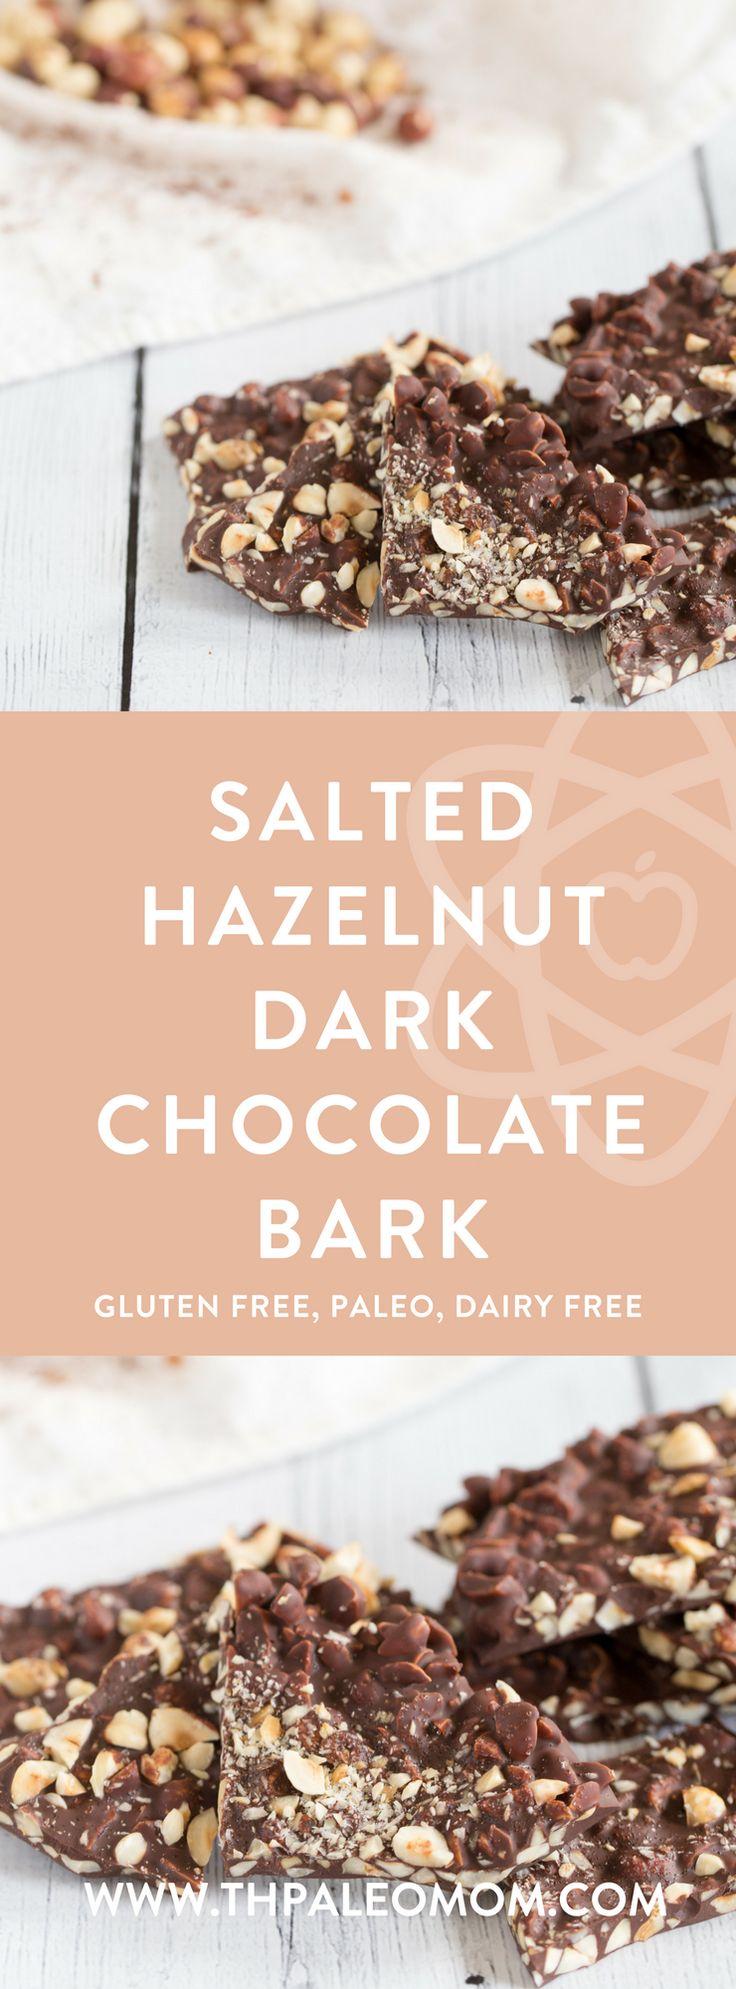 Salted Hazelnut Dark Chocolate Bark   The Paleo Mom